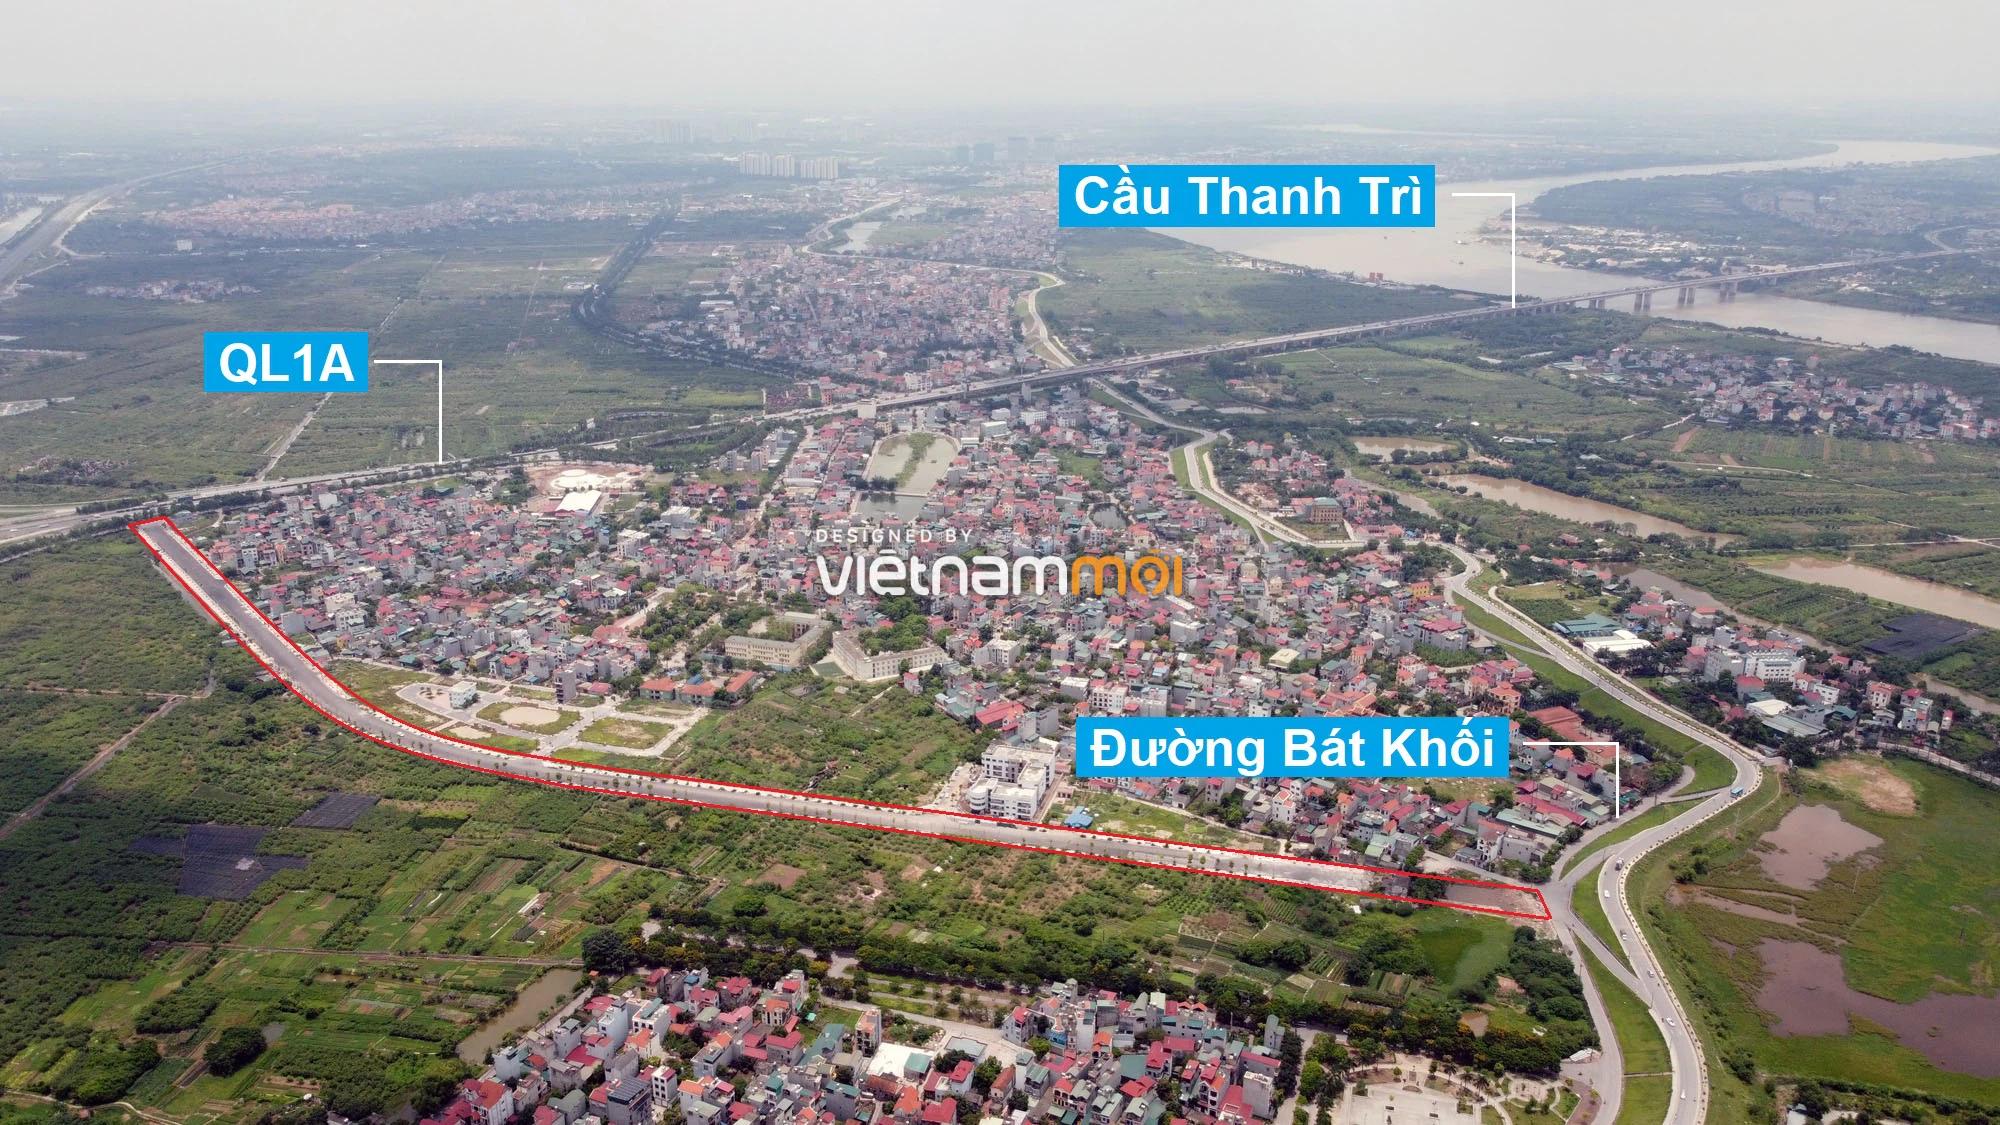 Toàn cảnh đường nối Bát Khối - QL1A đang mở theo quy hoạch ở quận Long Biên, Hà Nội - Ảnh 1.